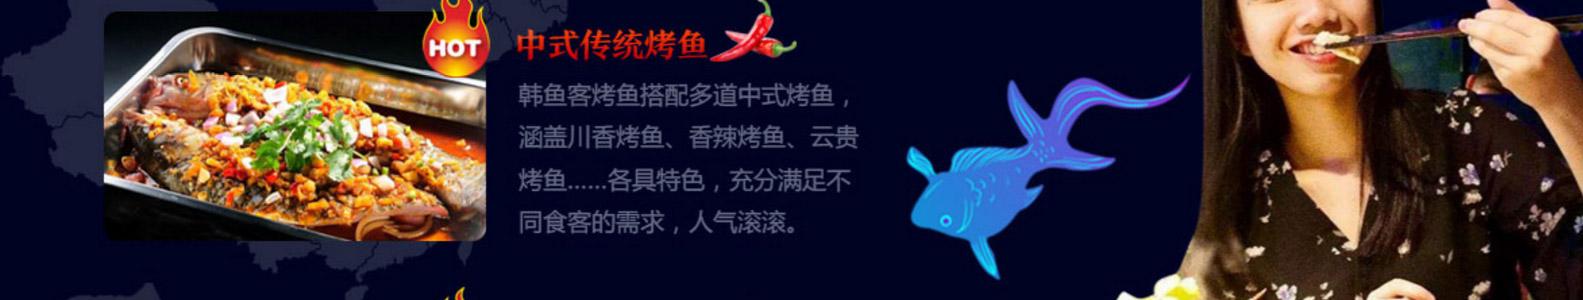 韩鱼客烤鱼韩鱼客烤鱼_21